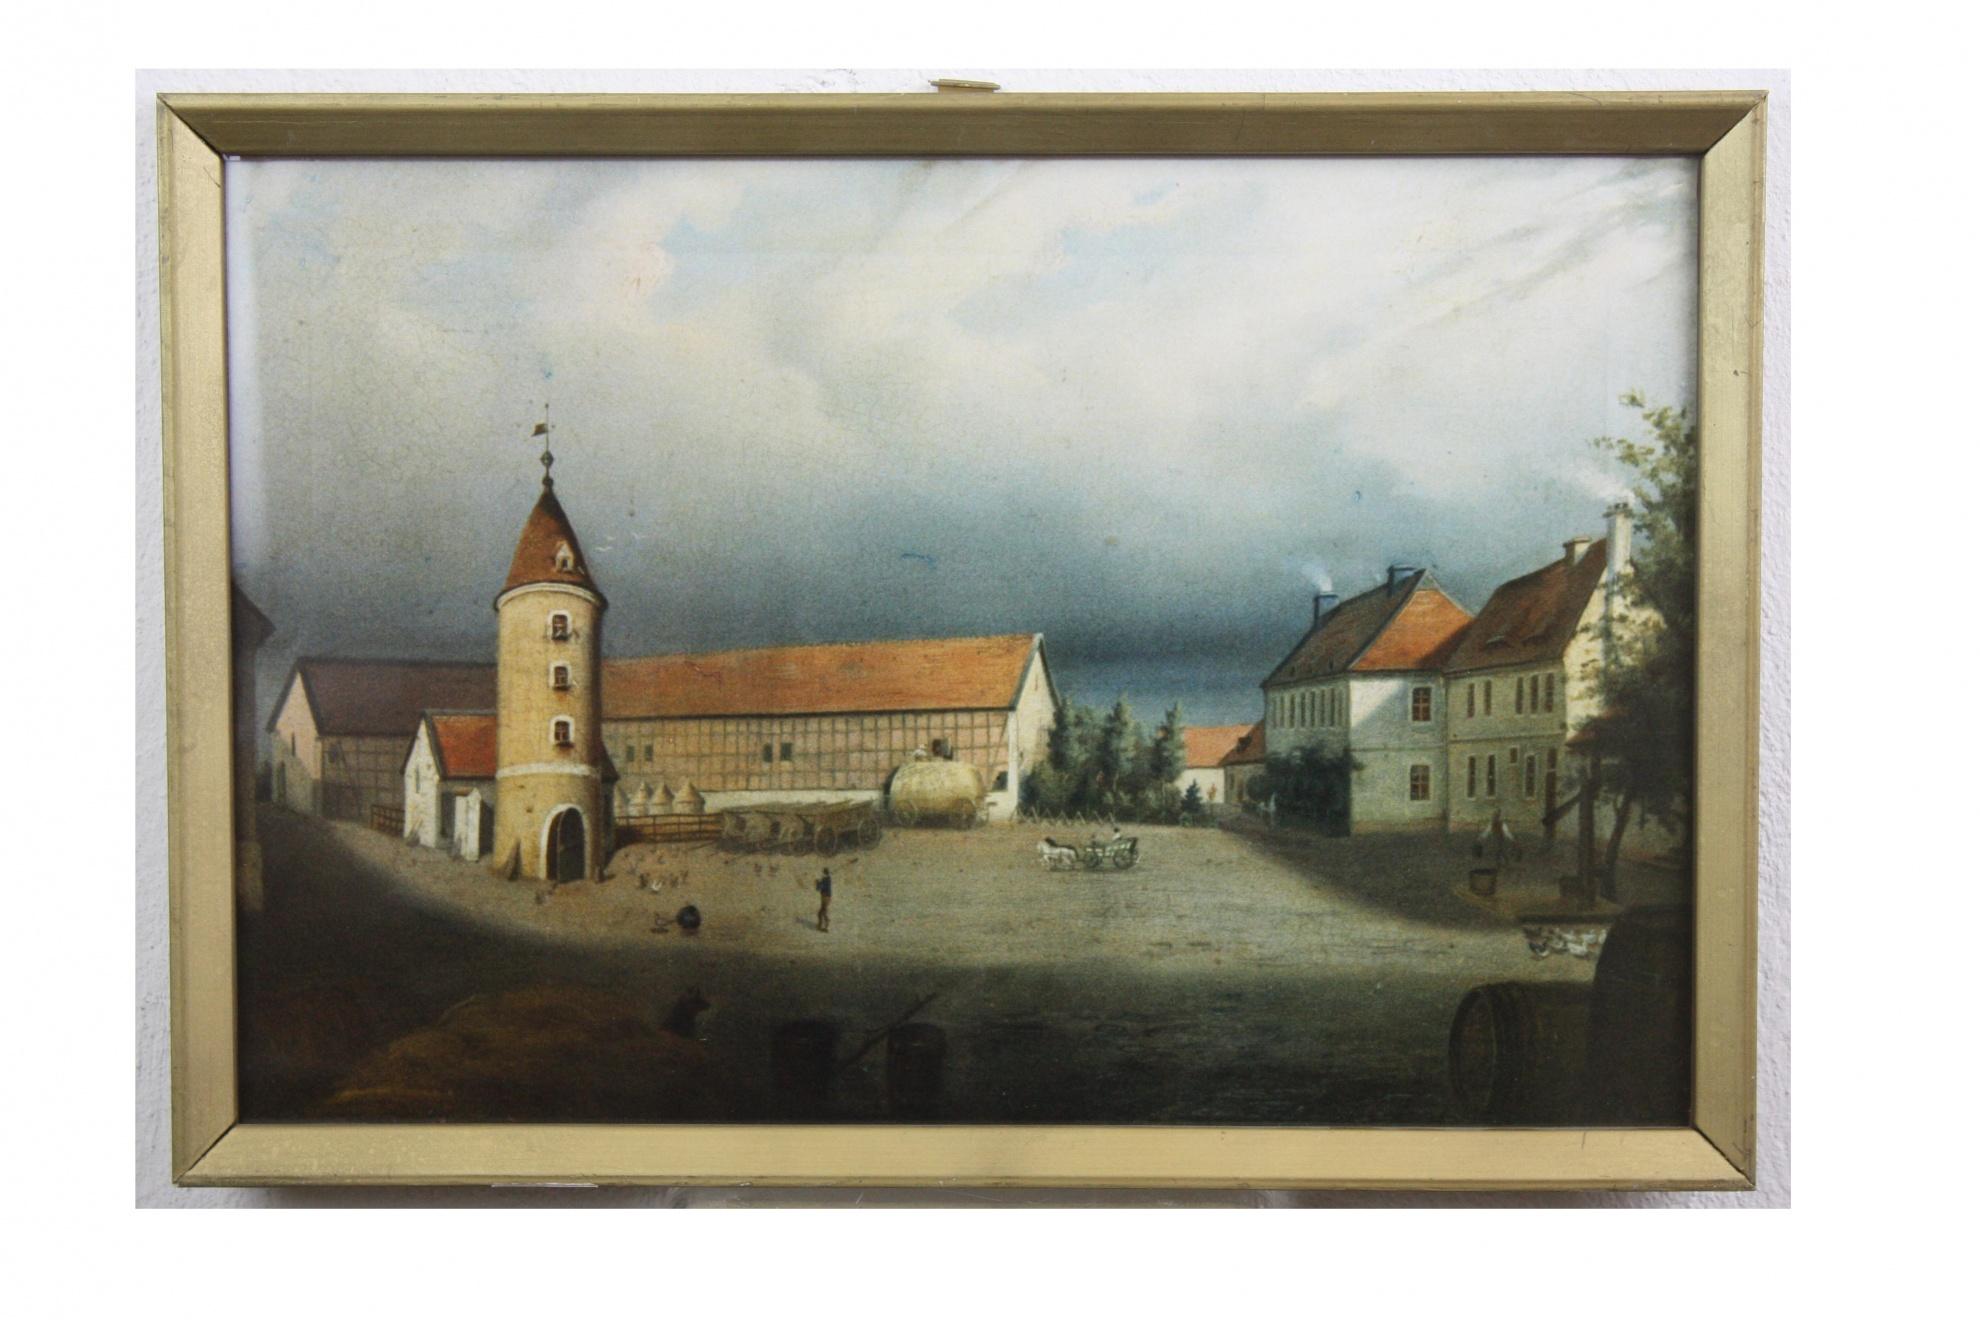 Fotografie, gerahmt, Junkerhof in Wolmirstedt :: Museum Wolmirstedt ...